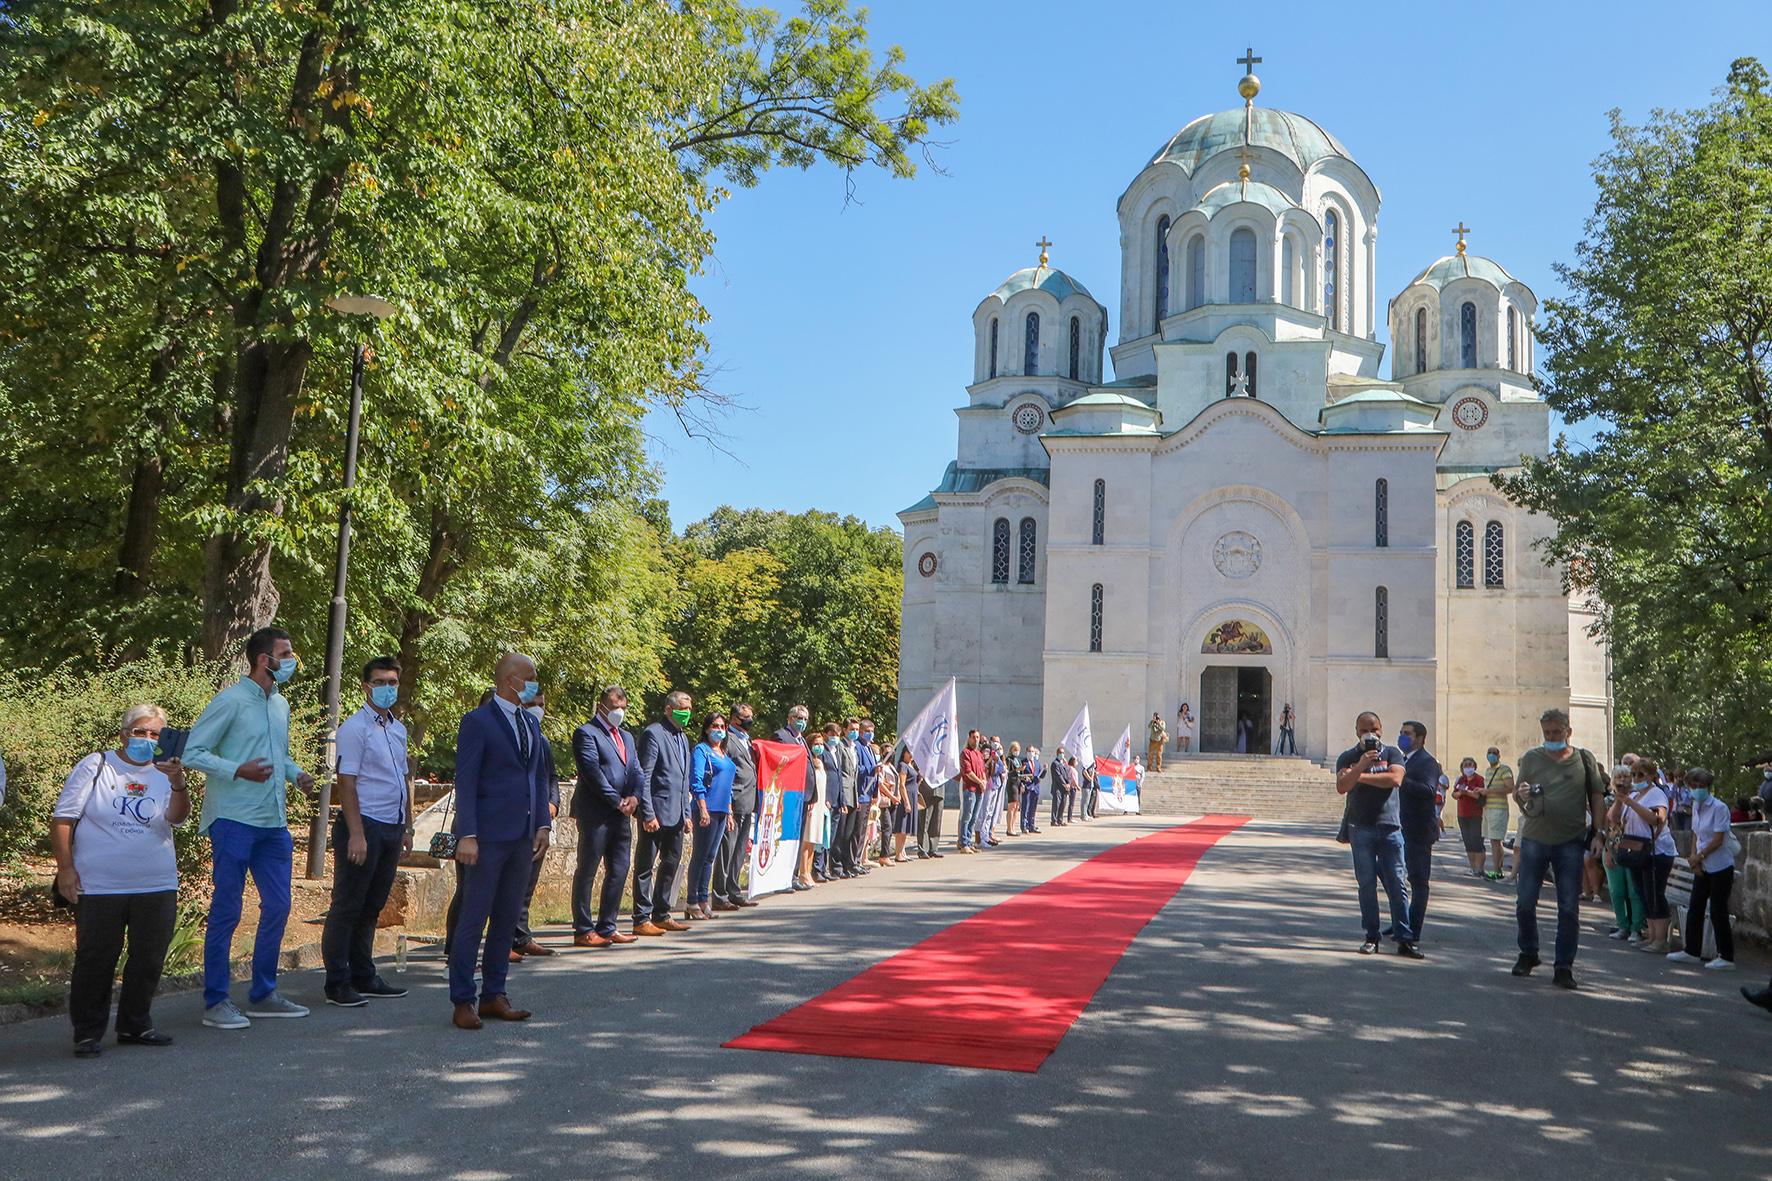 Udruženje Kraljevina Srbija svečano dočekuje Nj.K.V. na Oplencu